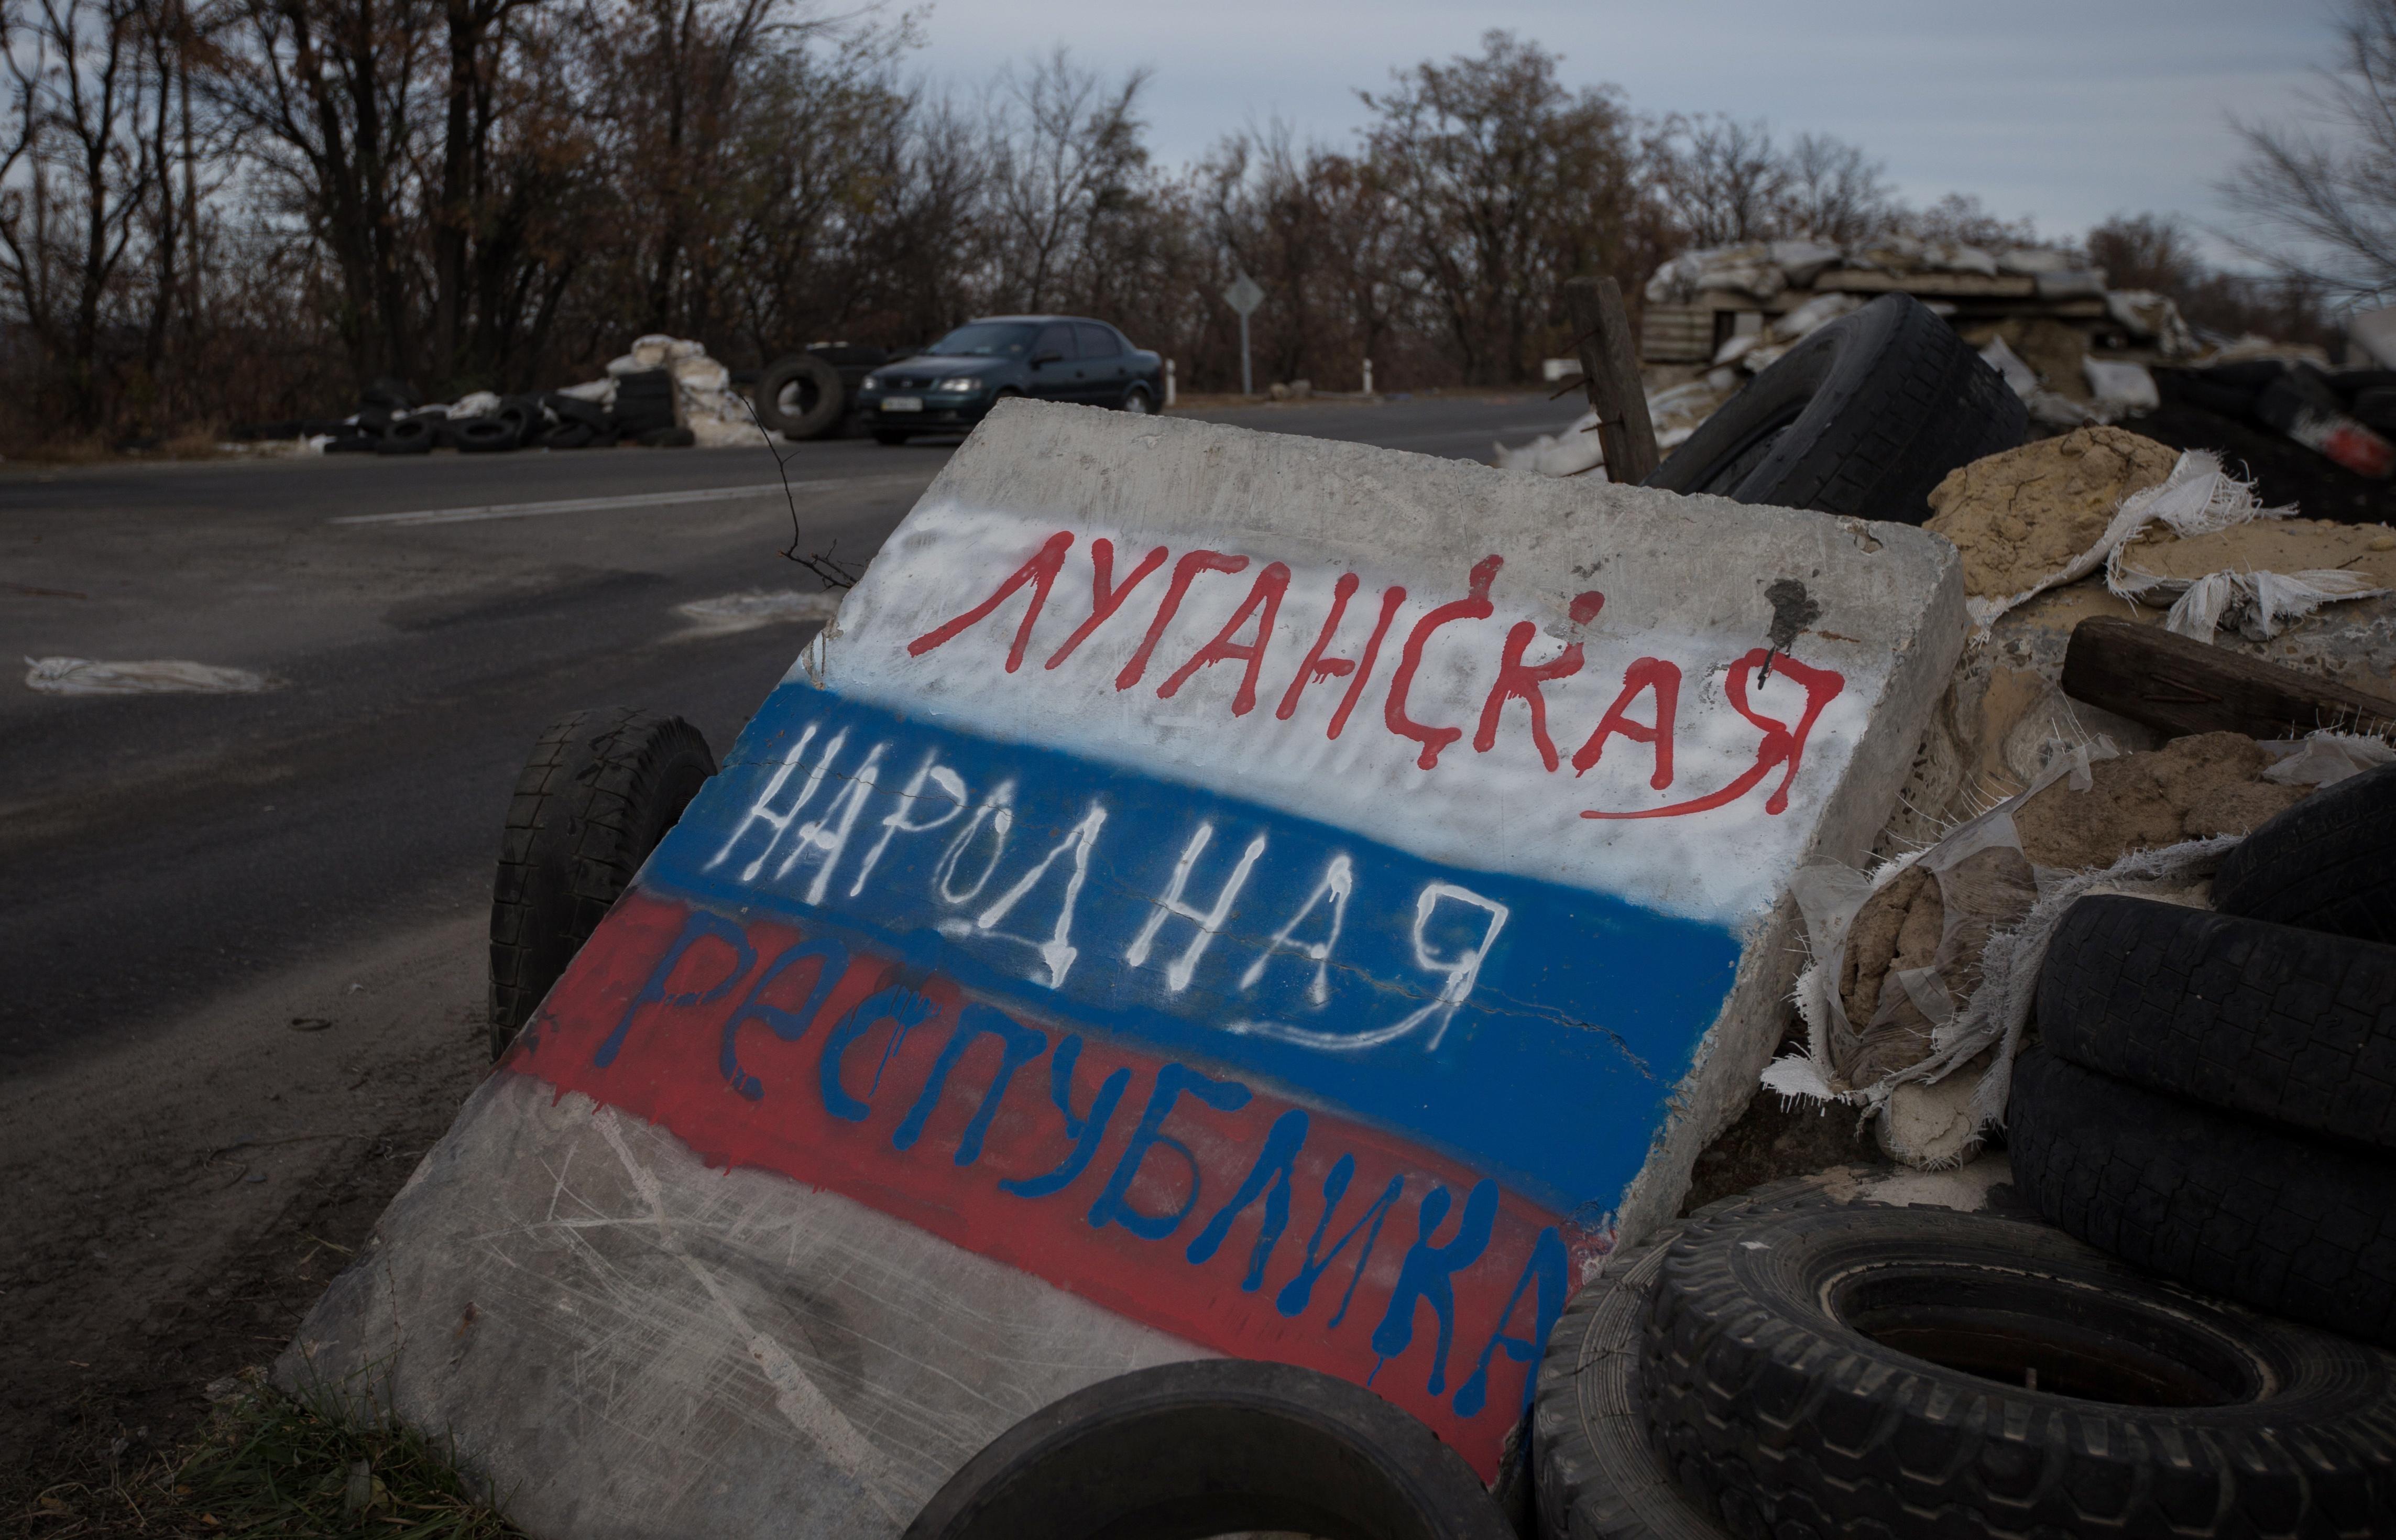 Ситуация в Донецке и Луганске: новости, курс валют, цены на продукты, хроника событий 12.06.2017